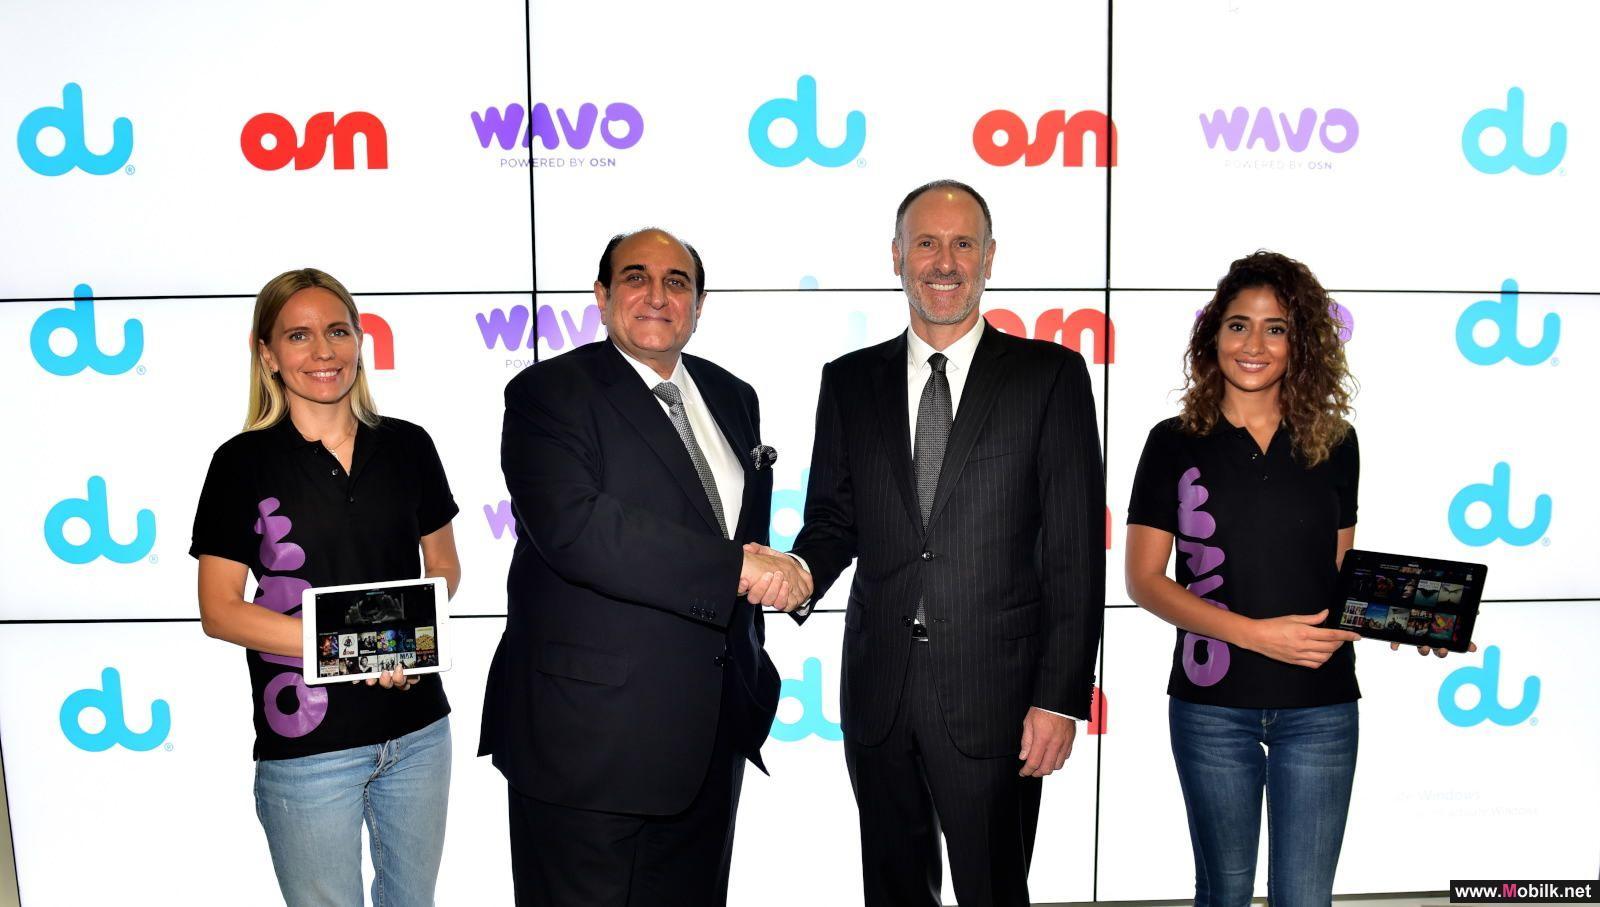 دو توقع اتفاقية شراكة مع شبكة قنوات OSN خلال جيتكس 2017 لتوفير اشتراك حصري لعملائها في تطبيق WAVO الترفيهي